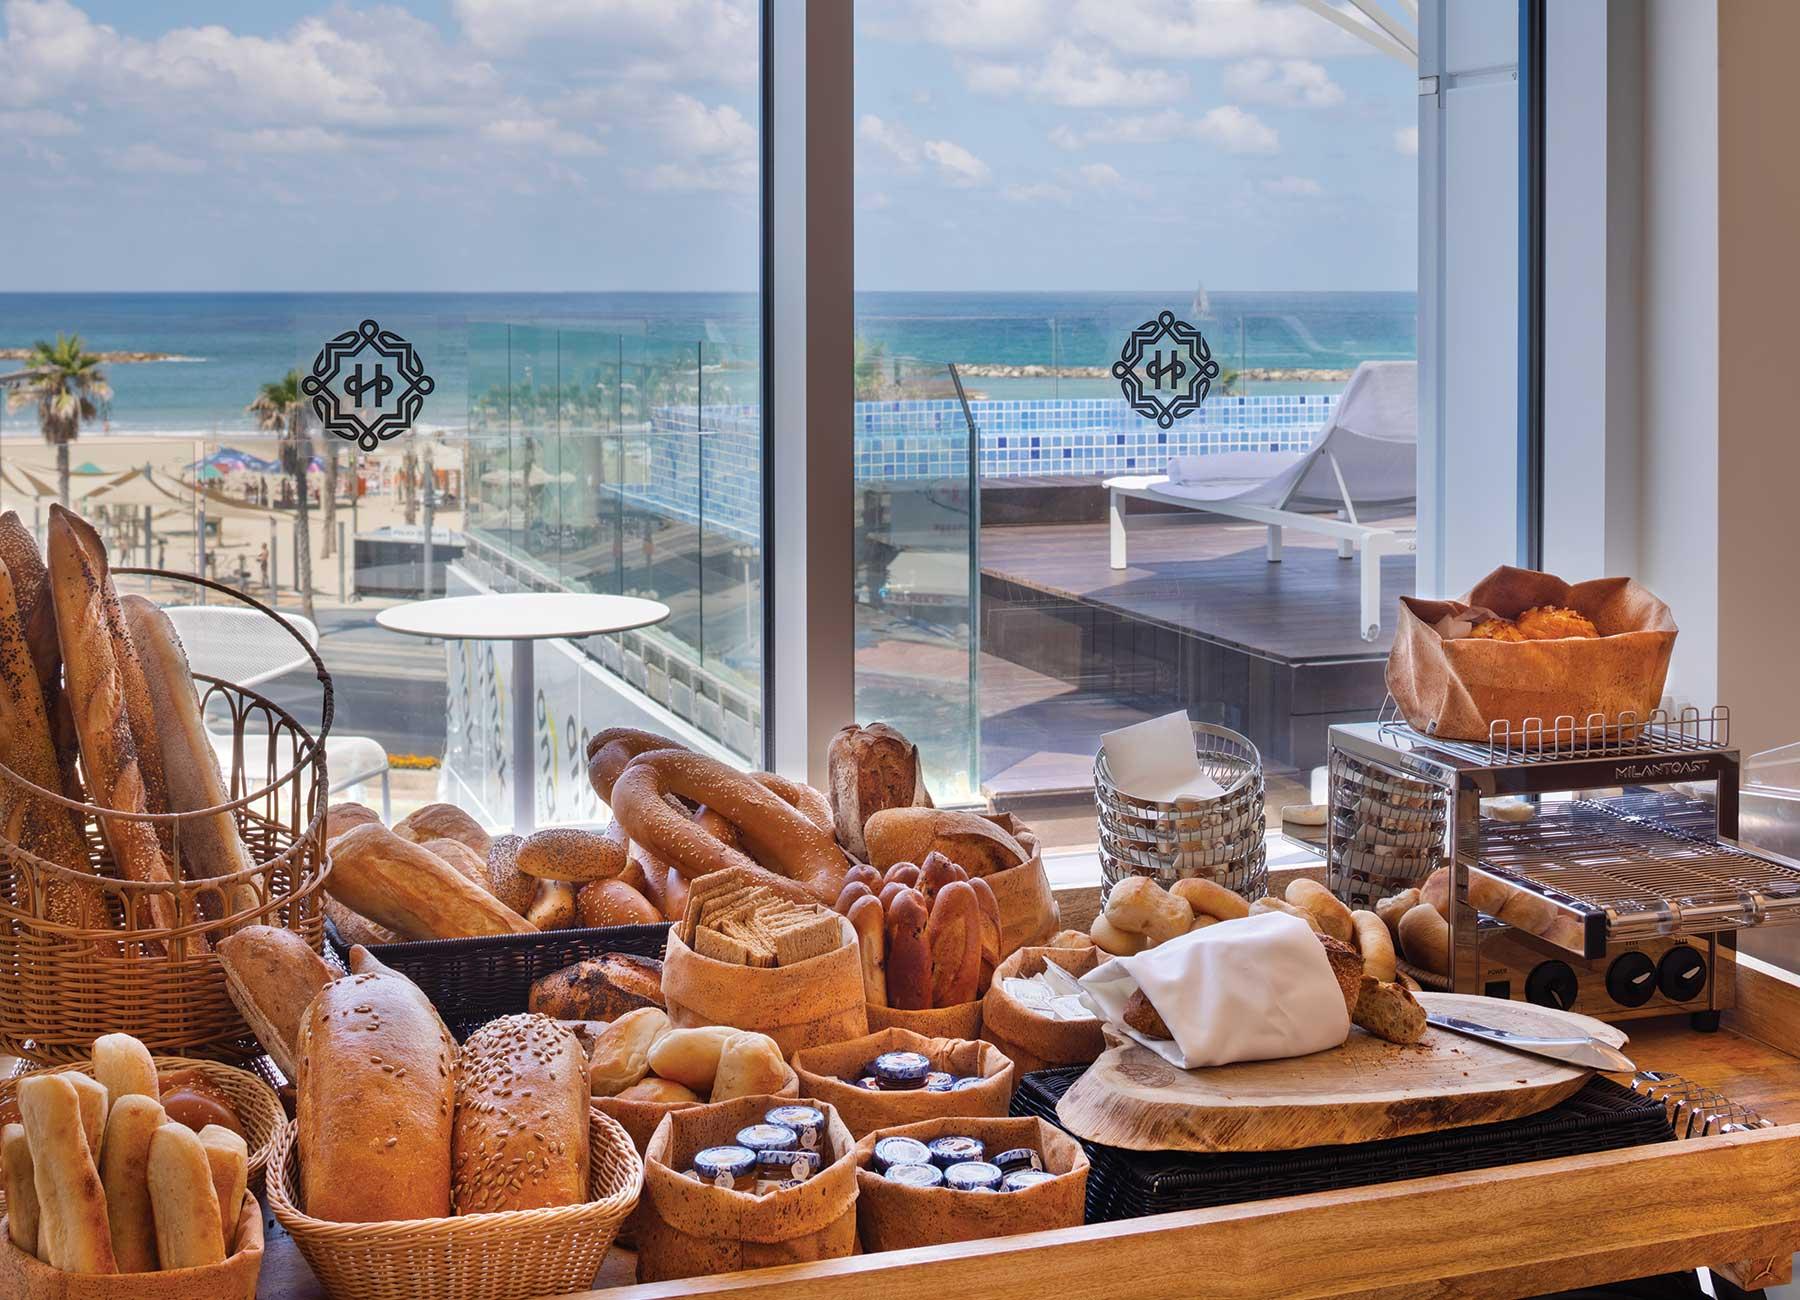 חדר אוכל במלון אופרה הרברט סמואל תל אביב